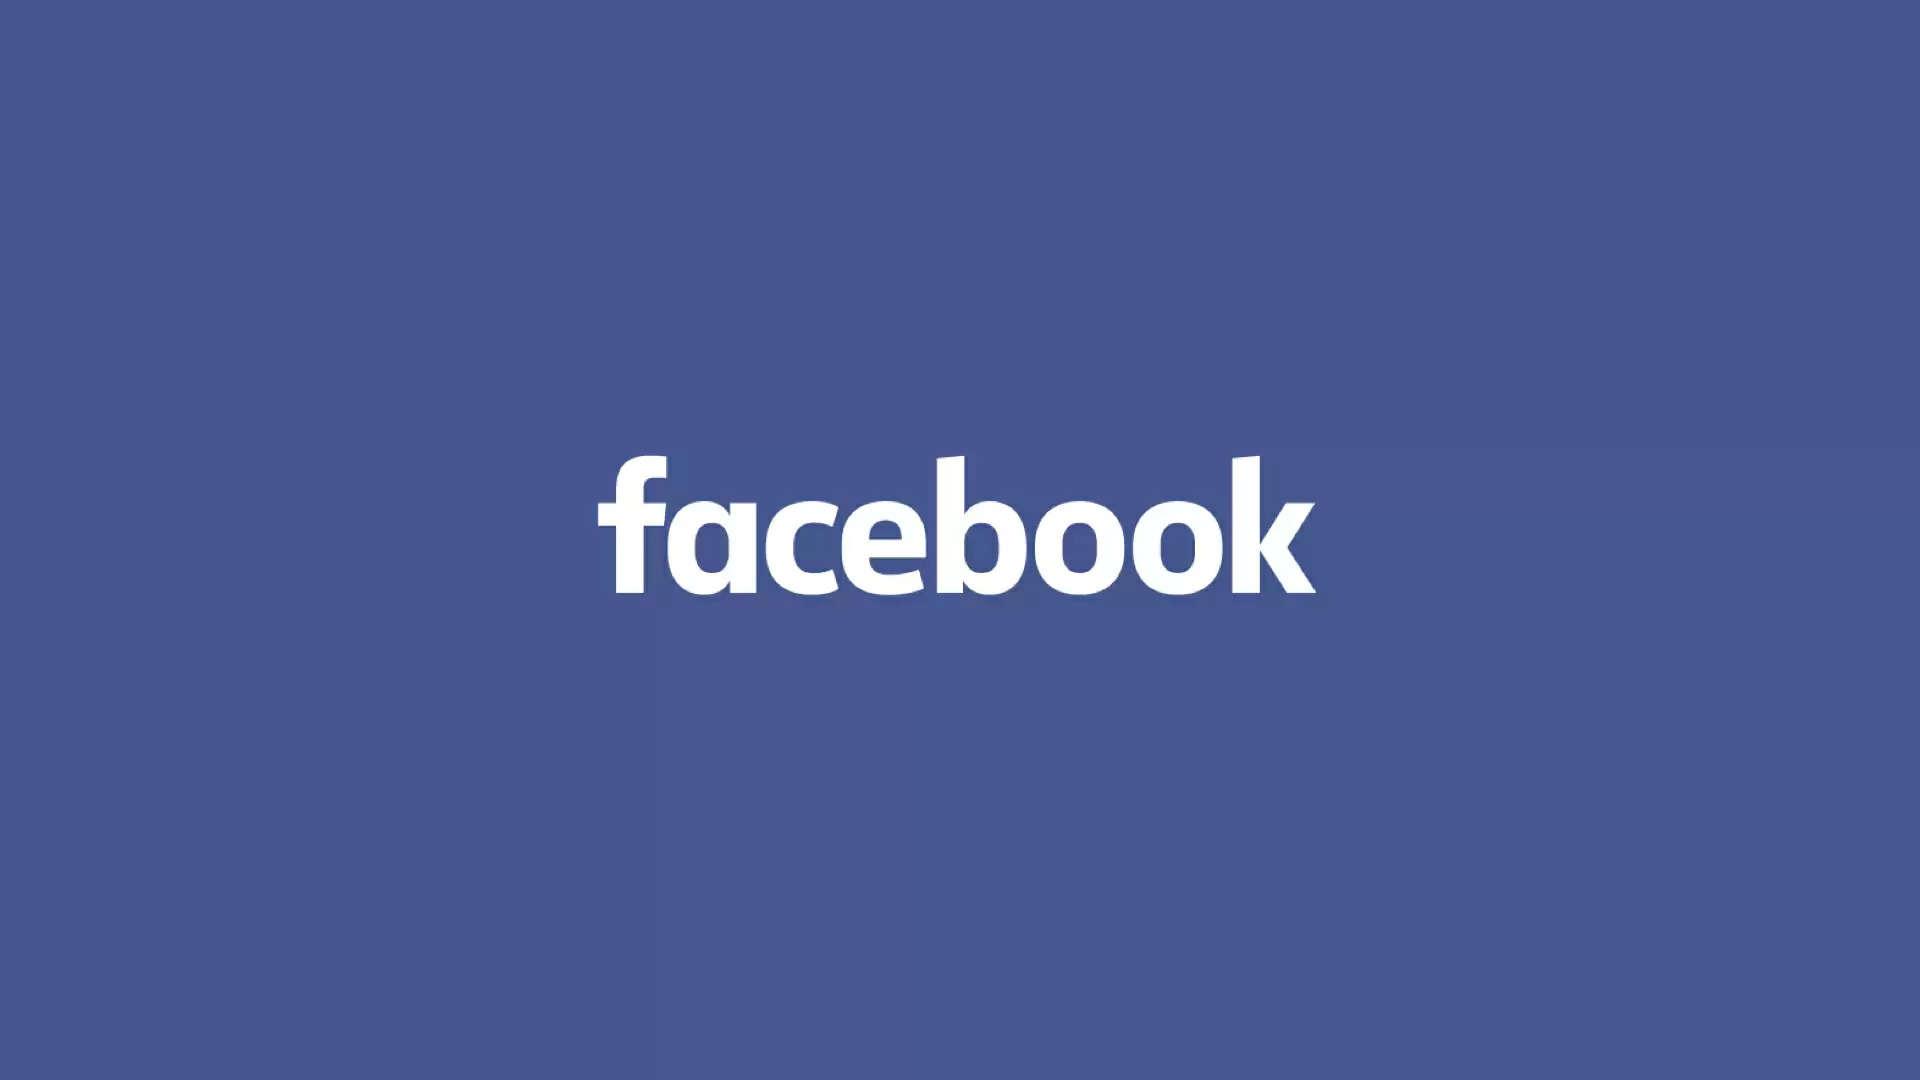 facebook अकाउंट को हमेशा के लिए कैसे डिलीट करें?